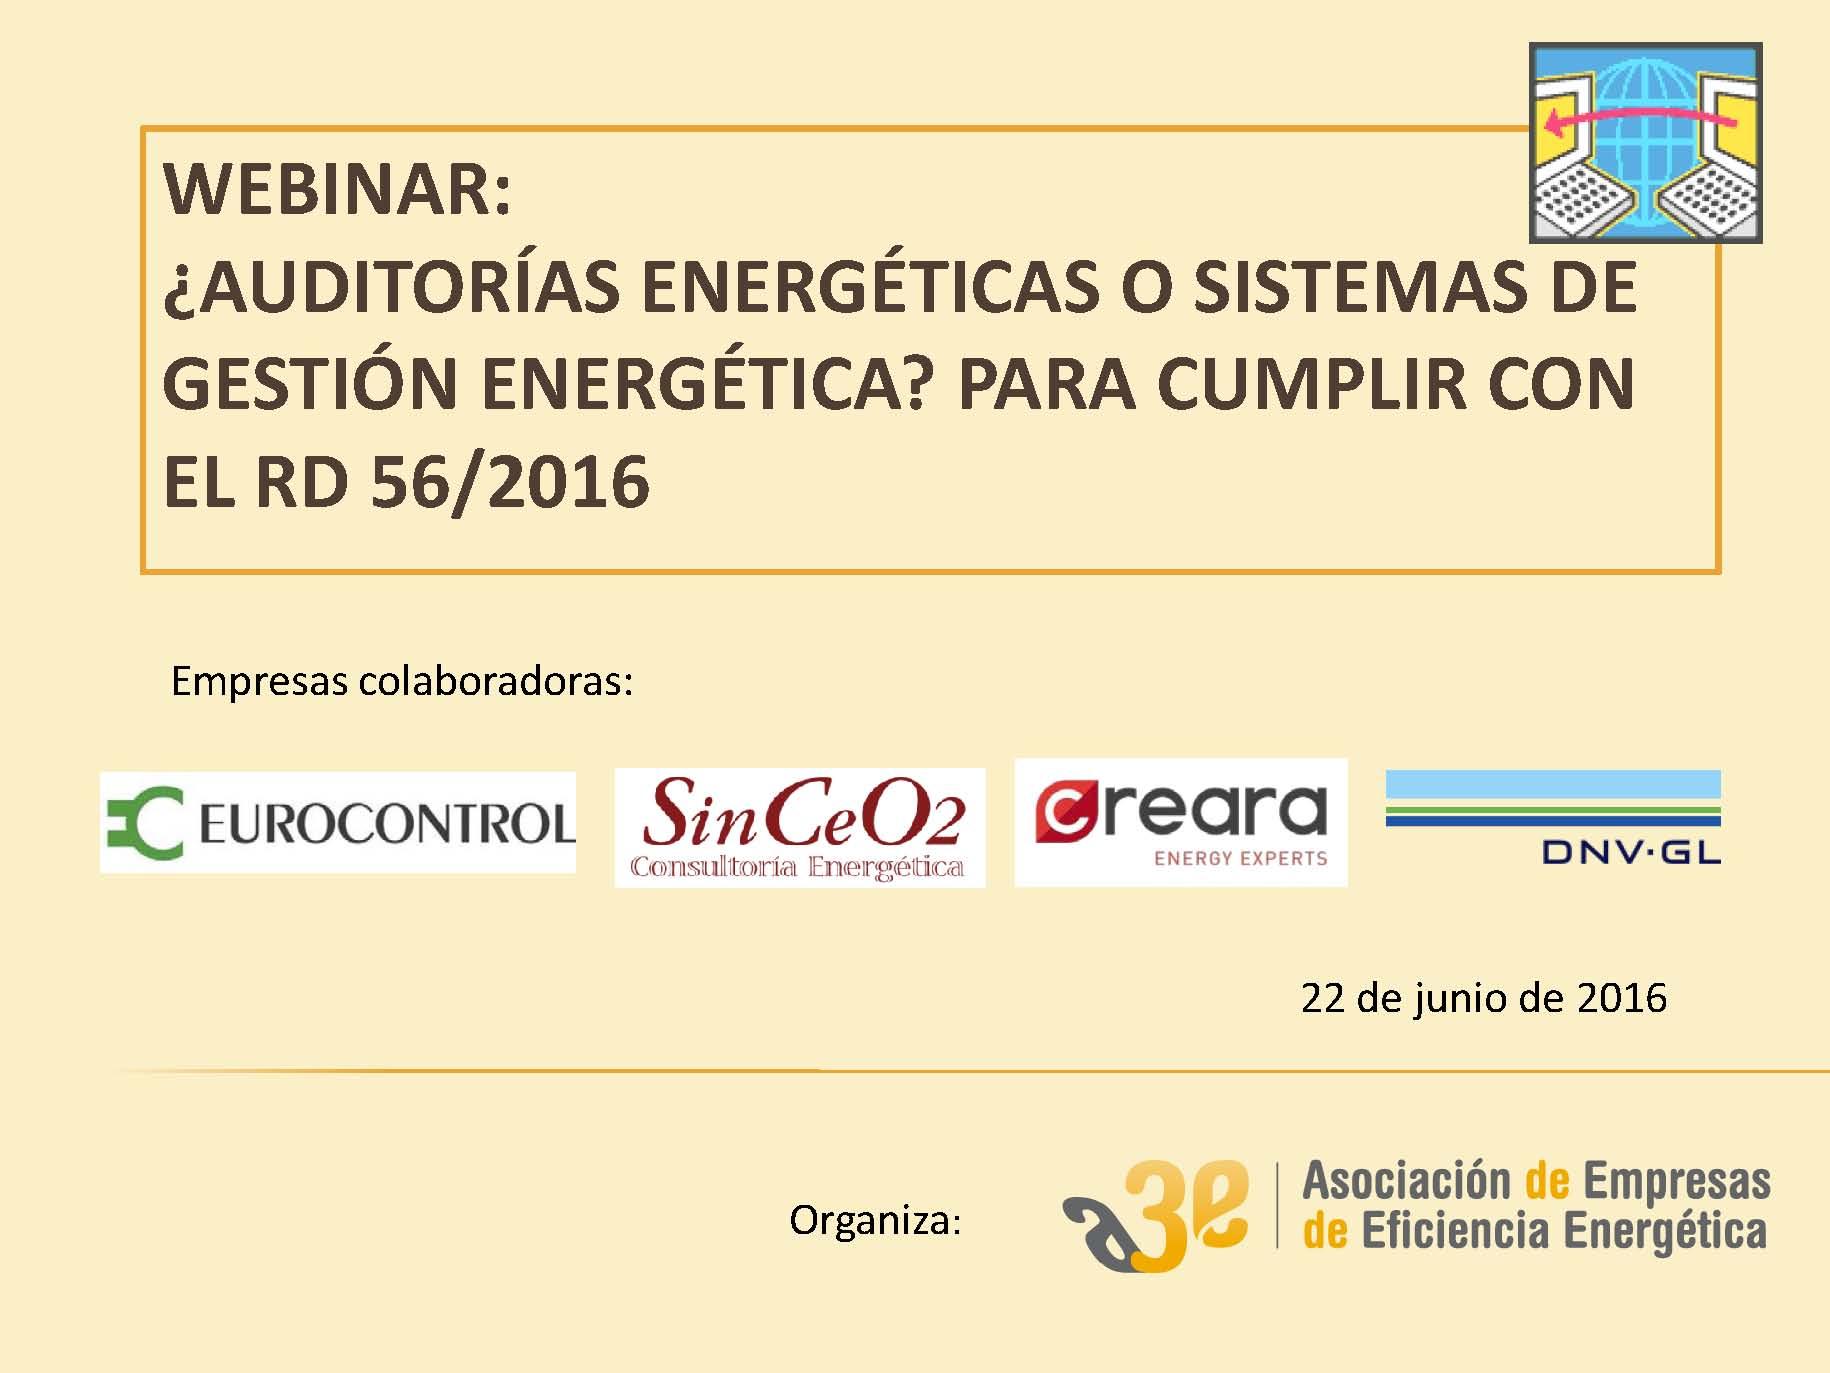 ¿Auditorías energéticas o Sistemas de Gestión Energética? para cumplir con el Real Decreto 56/2016